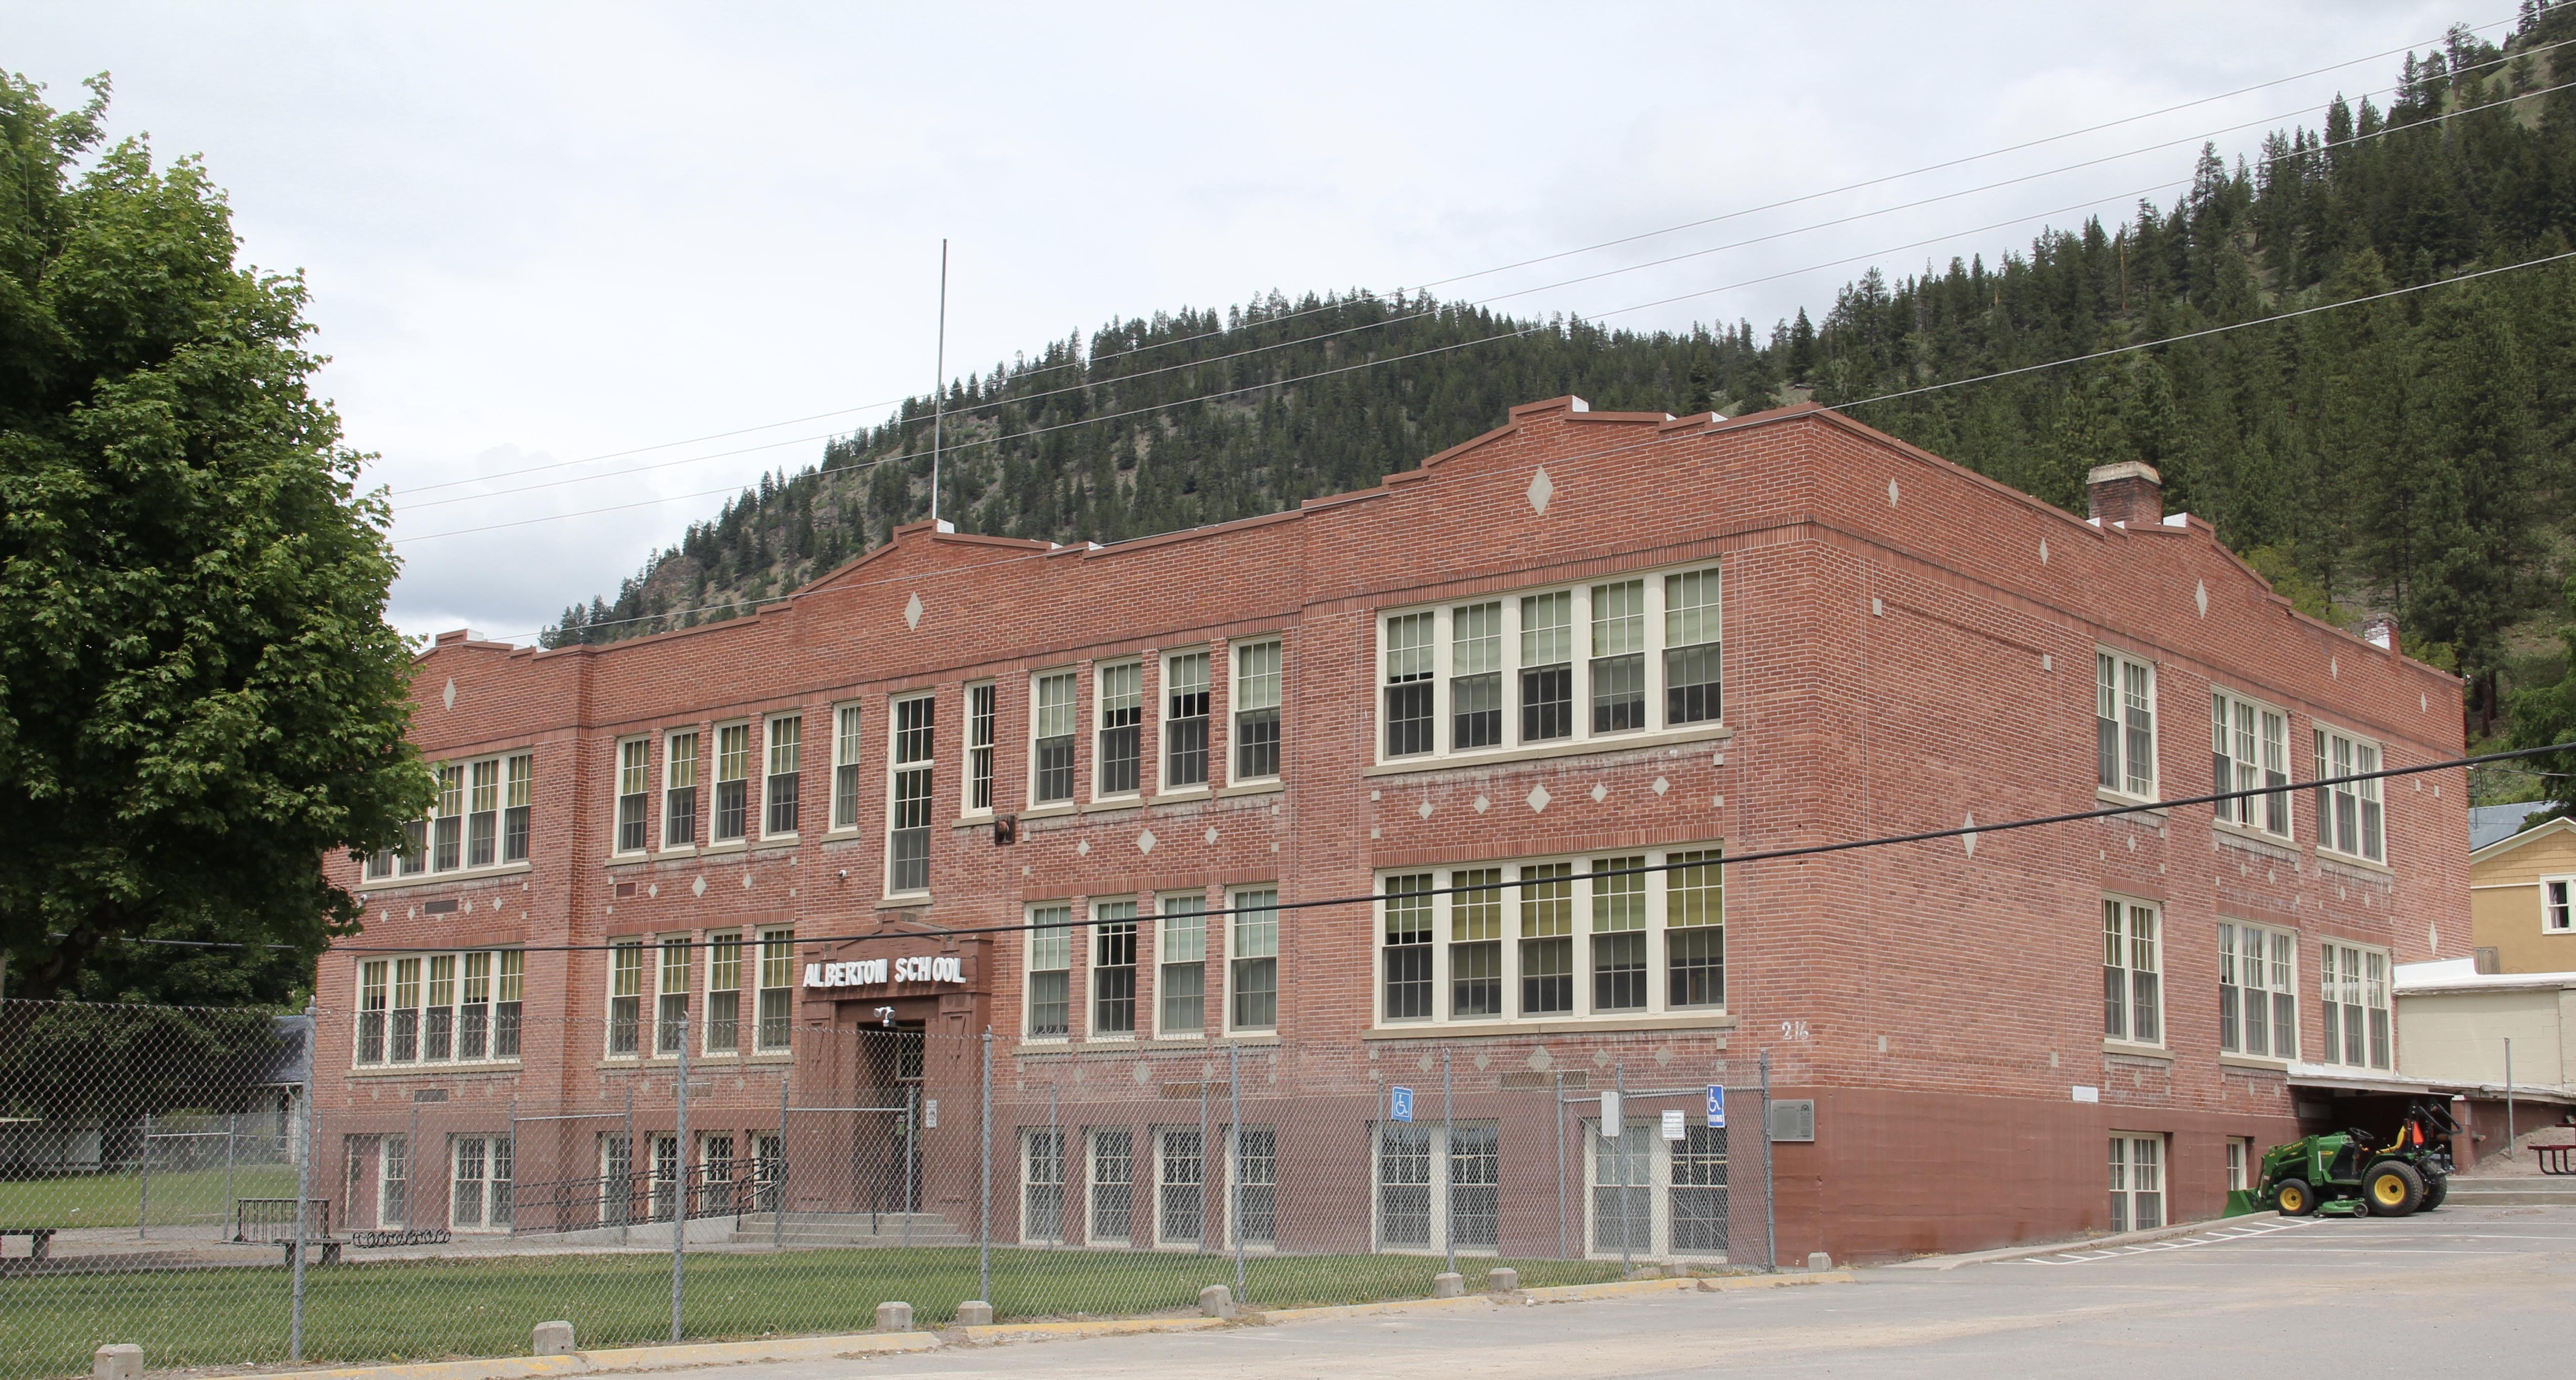 Mineral Co Alberton school